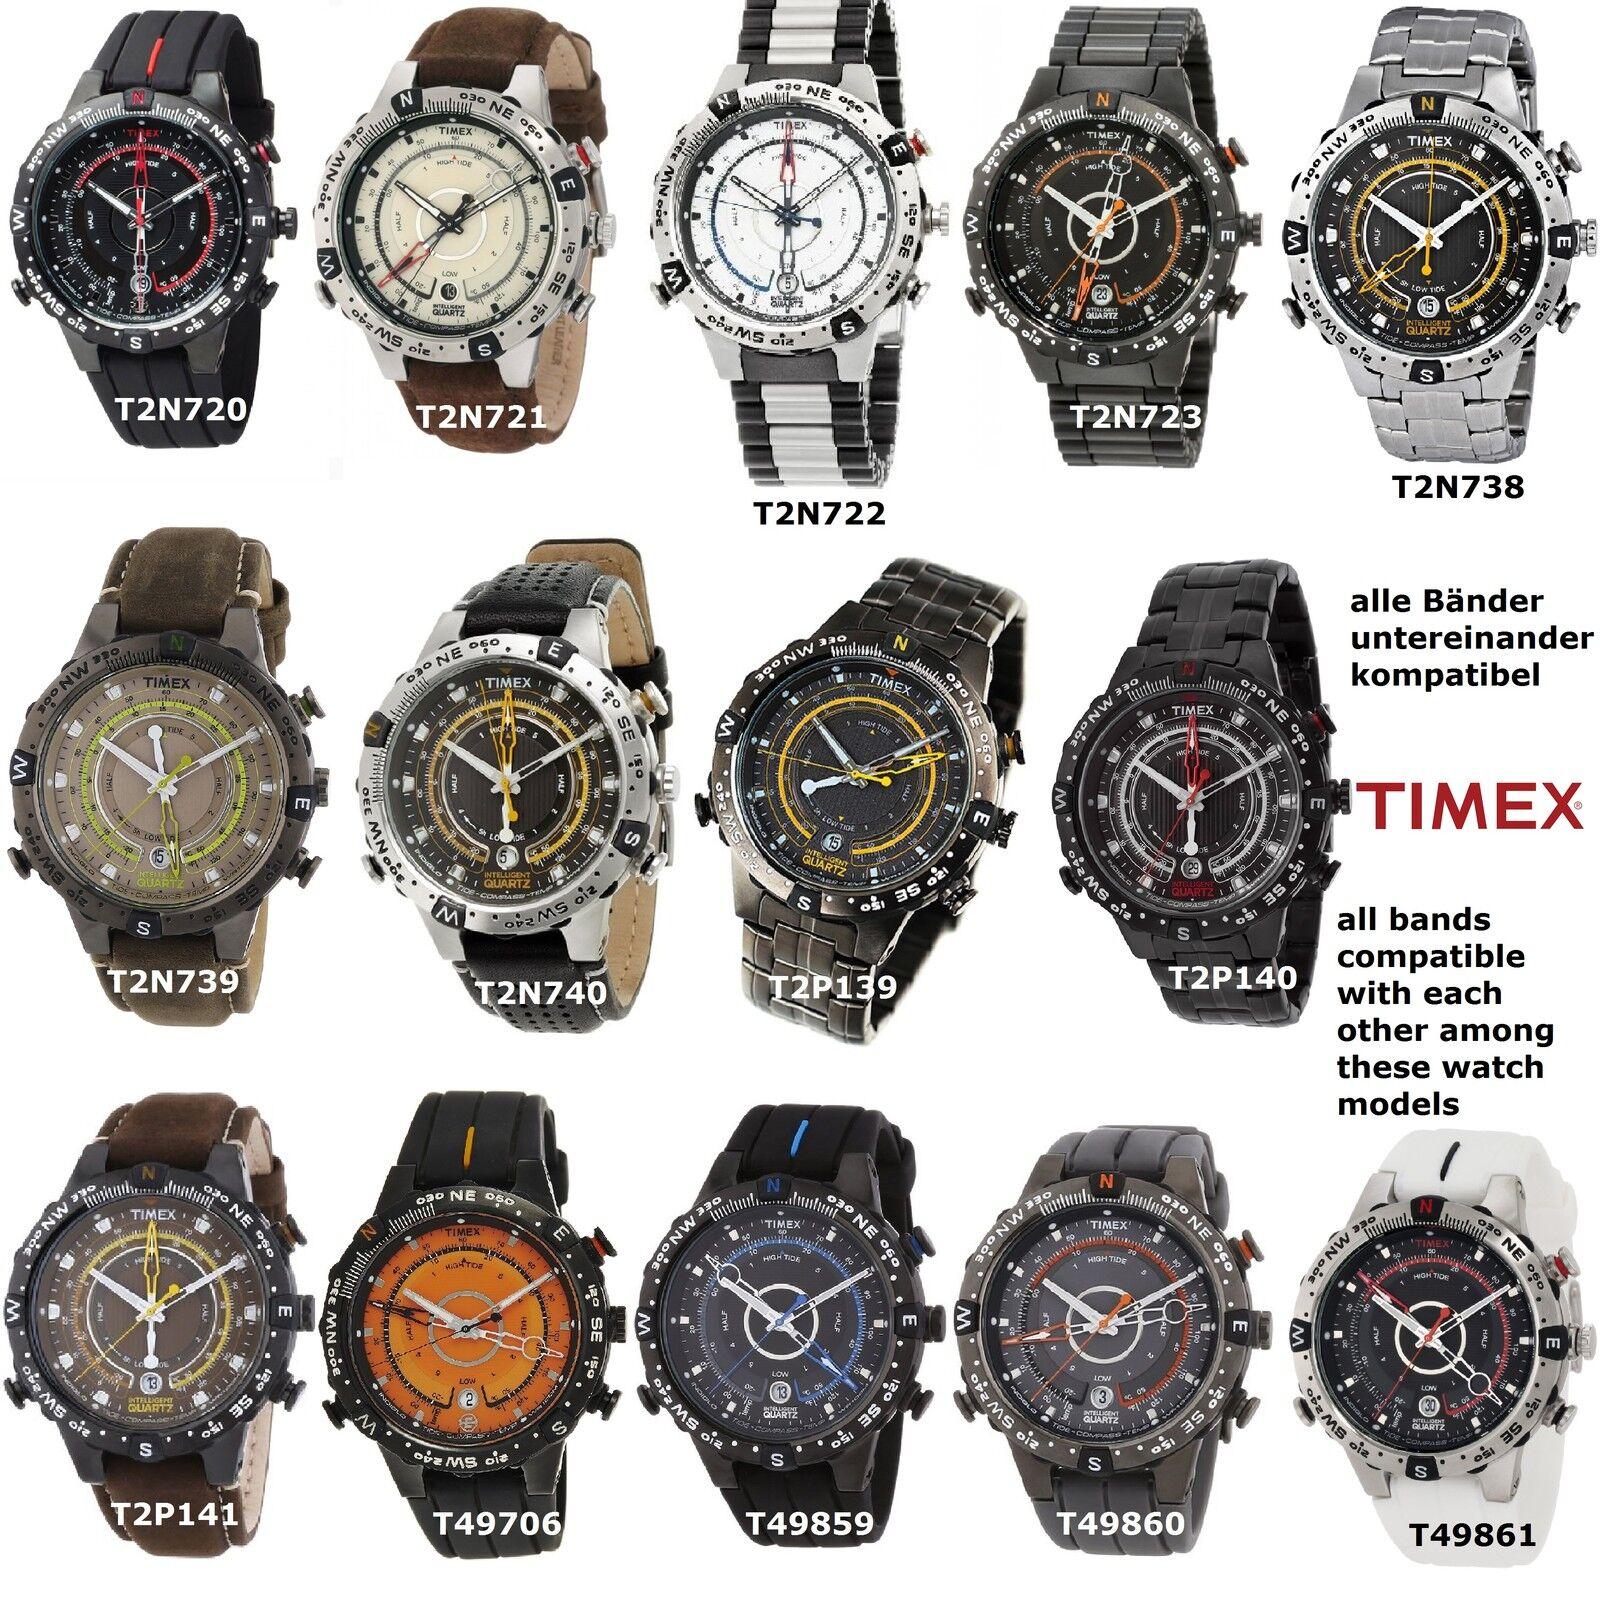 Timex Bracelet de Rechange T2N720 S/'Adapter T2N723 T49861 T2P140 T2N740 T45581